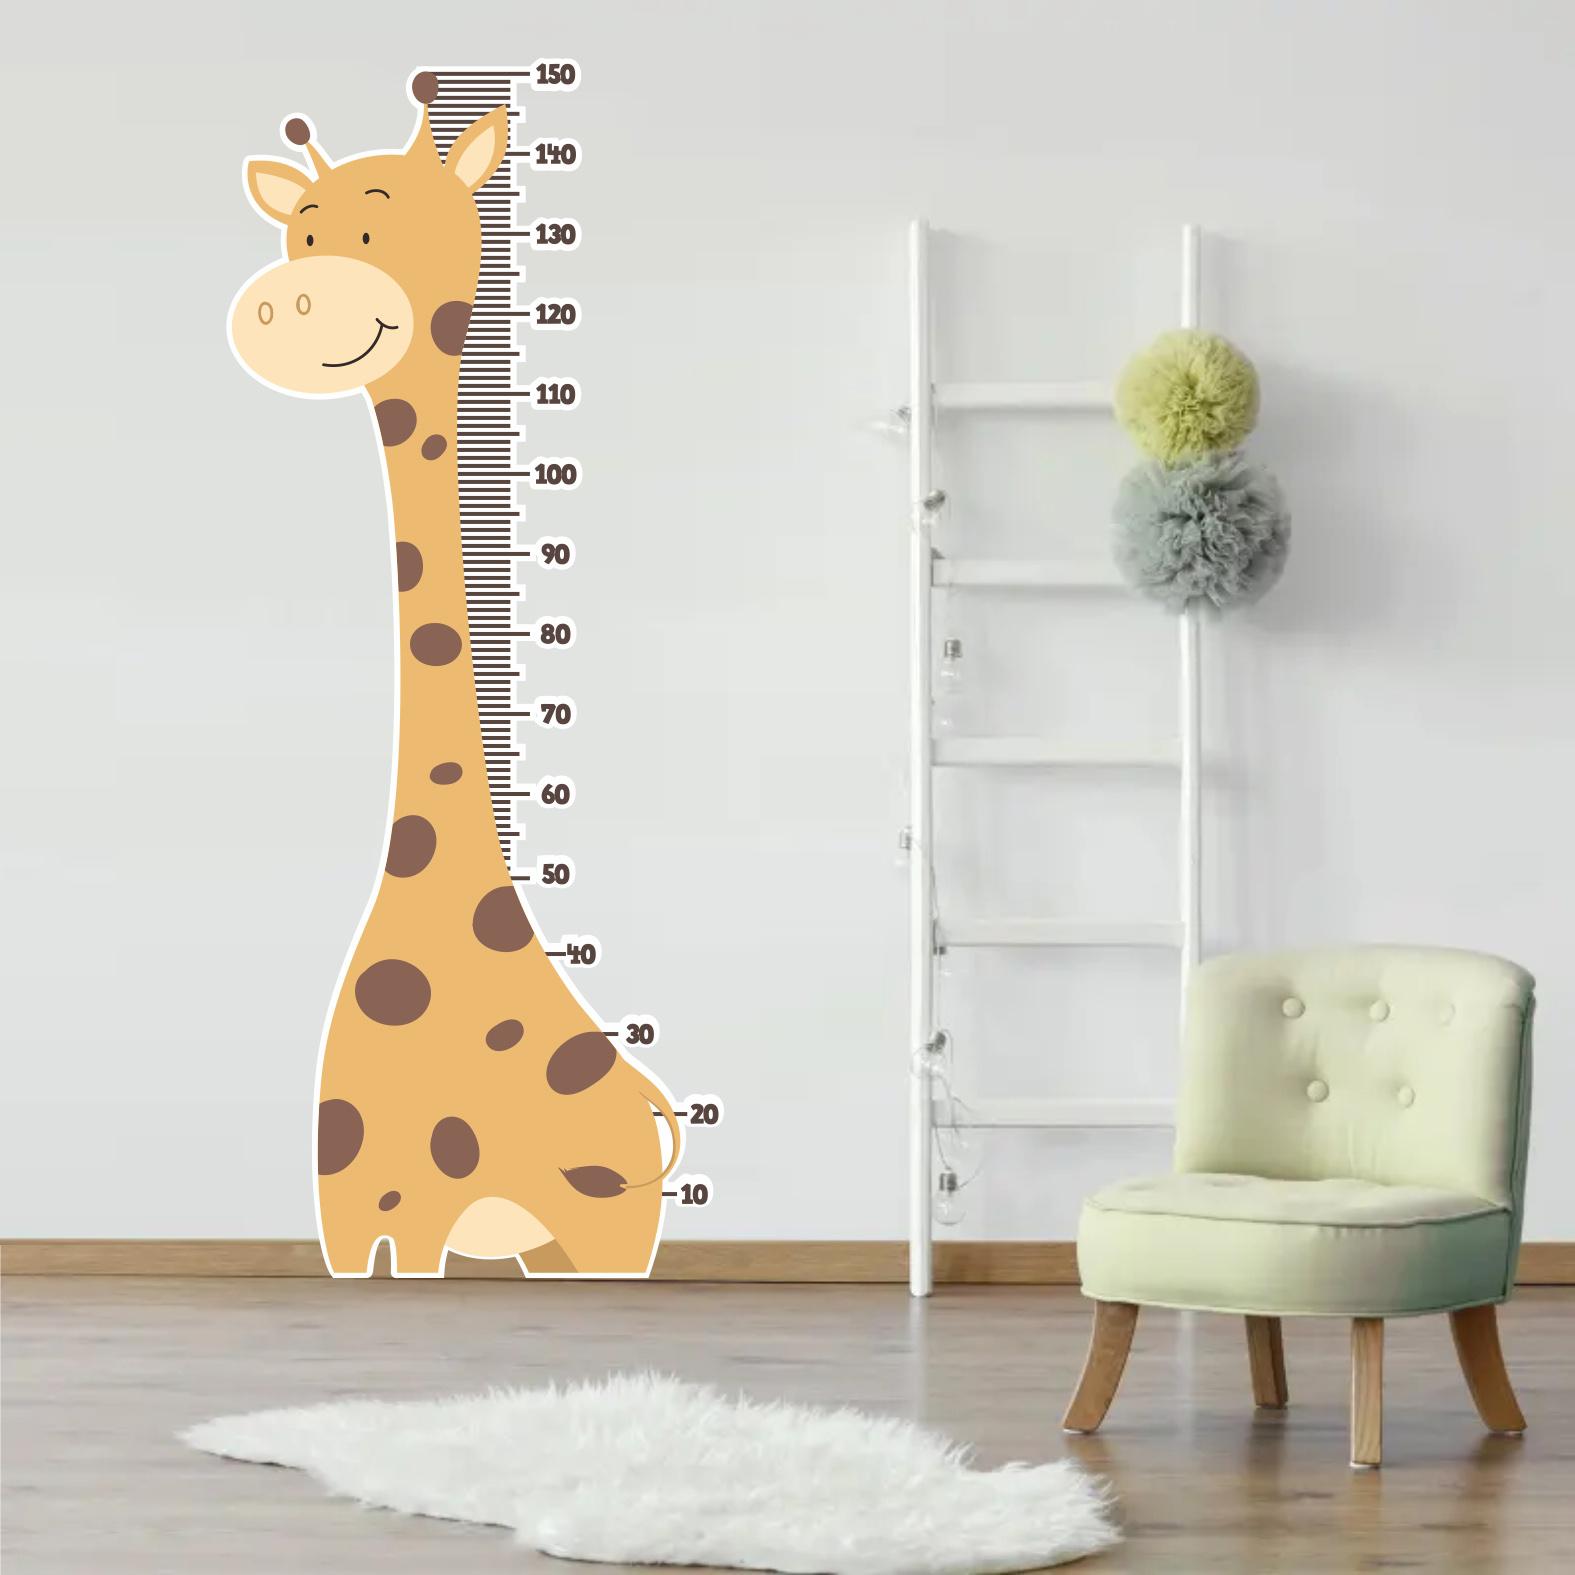 Adesivo de Parede Recortado - Régua e Girafa